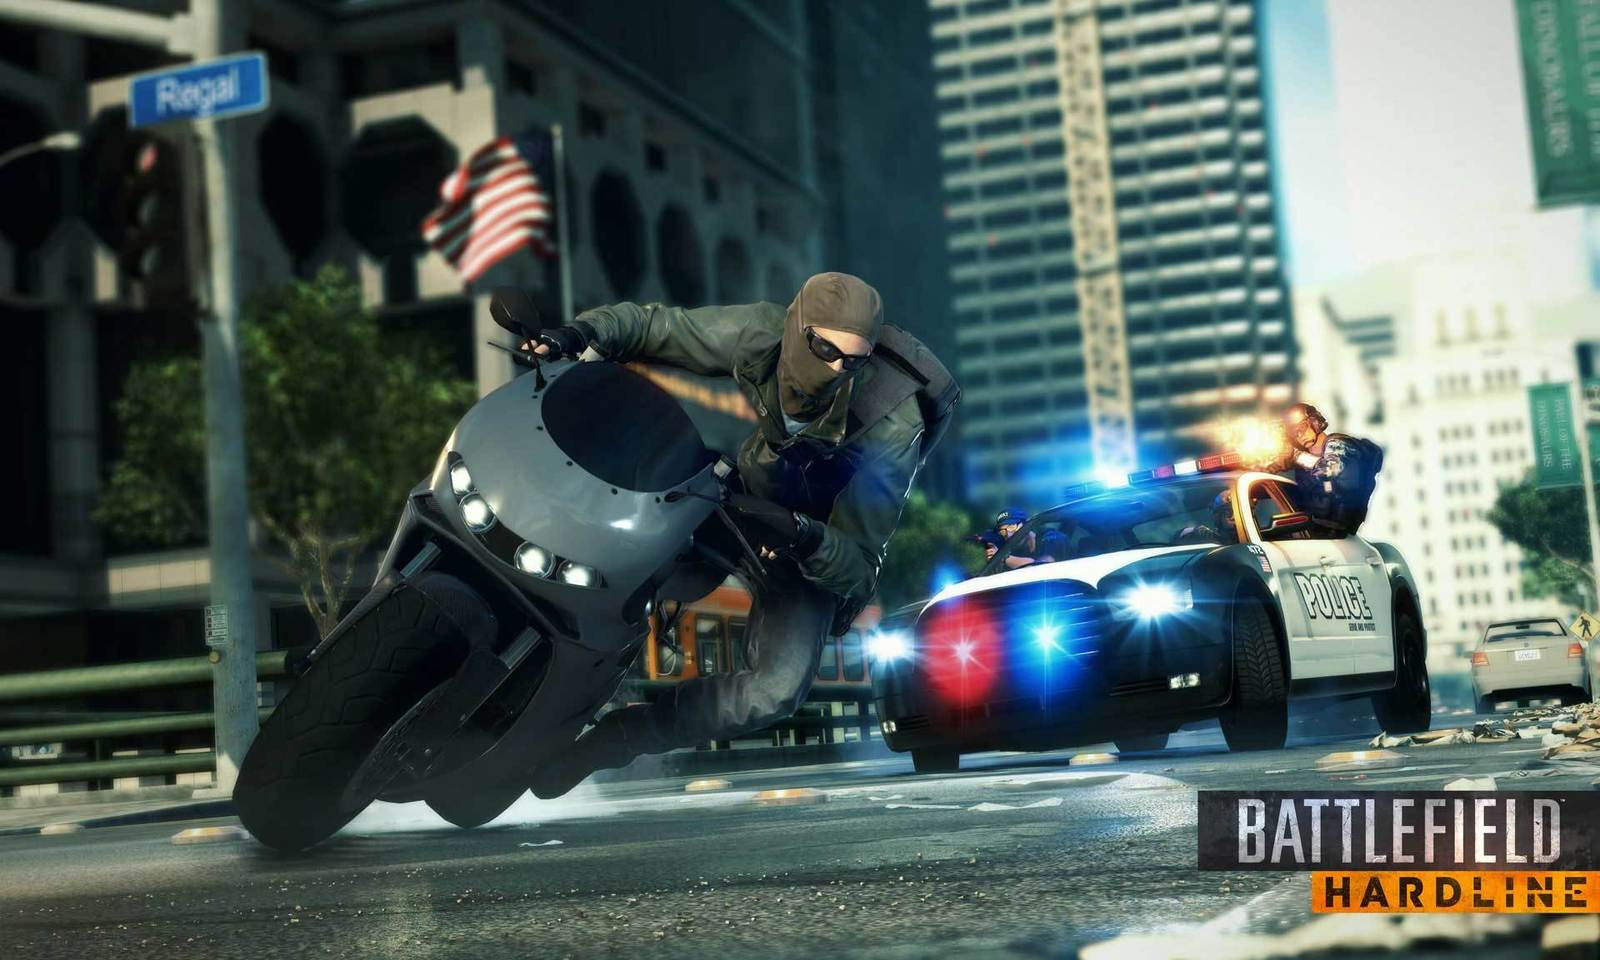 Battlefield Hardline for PS4 image